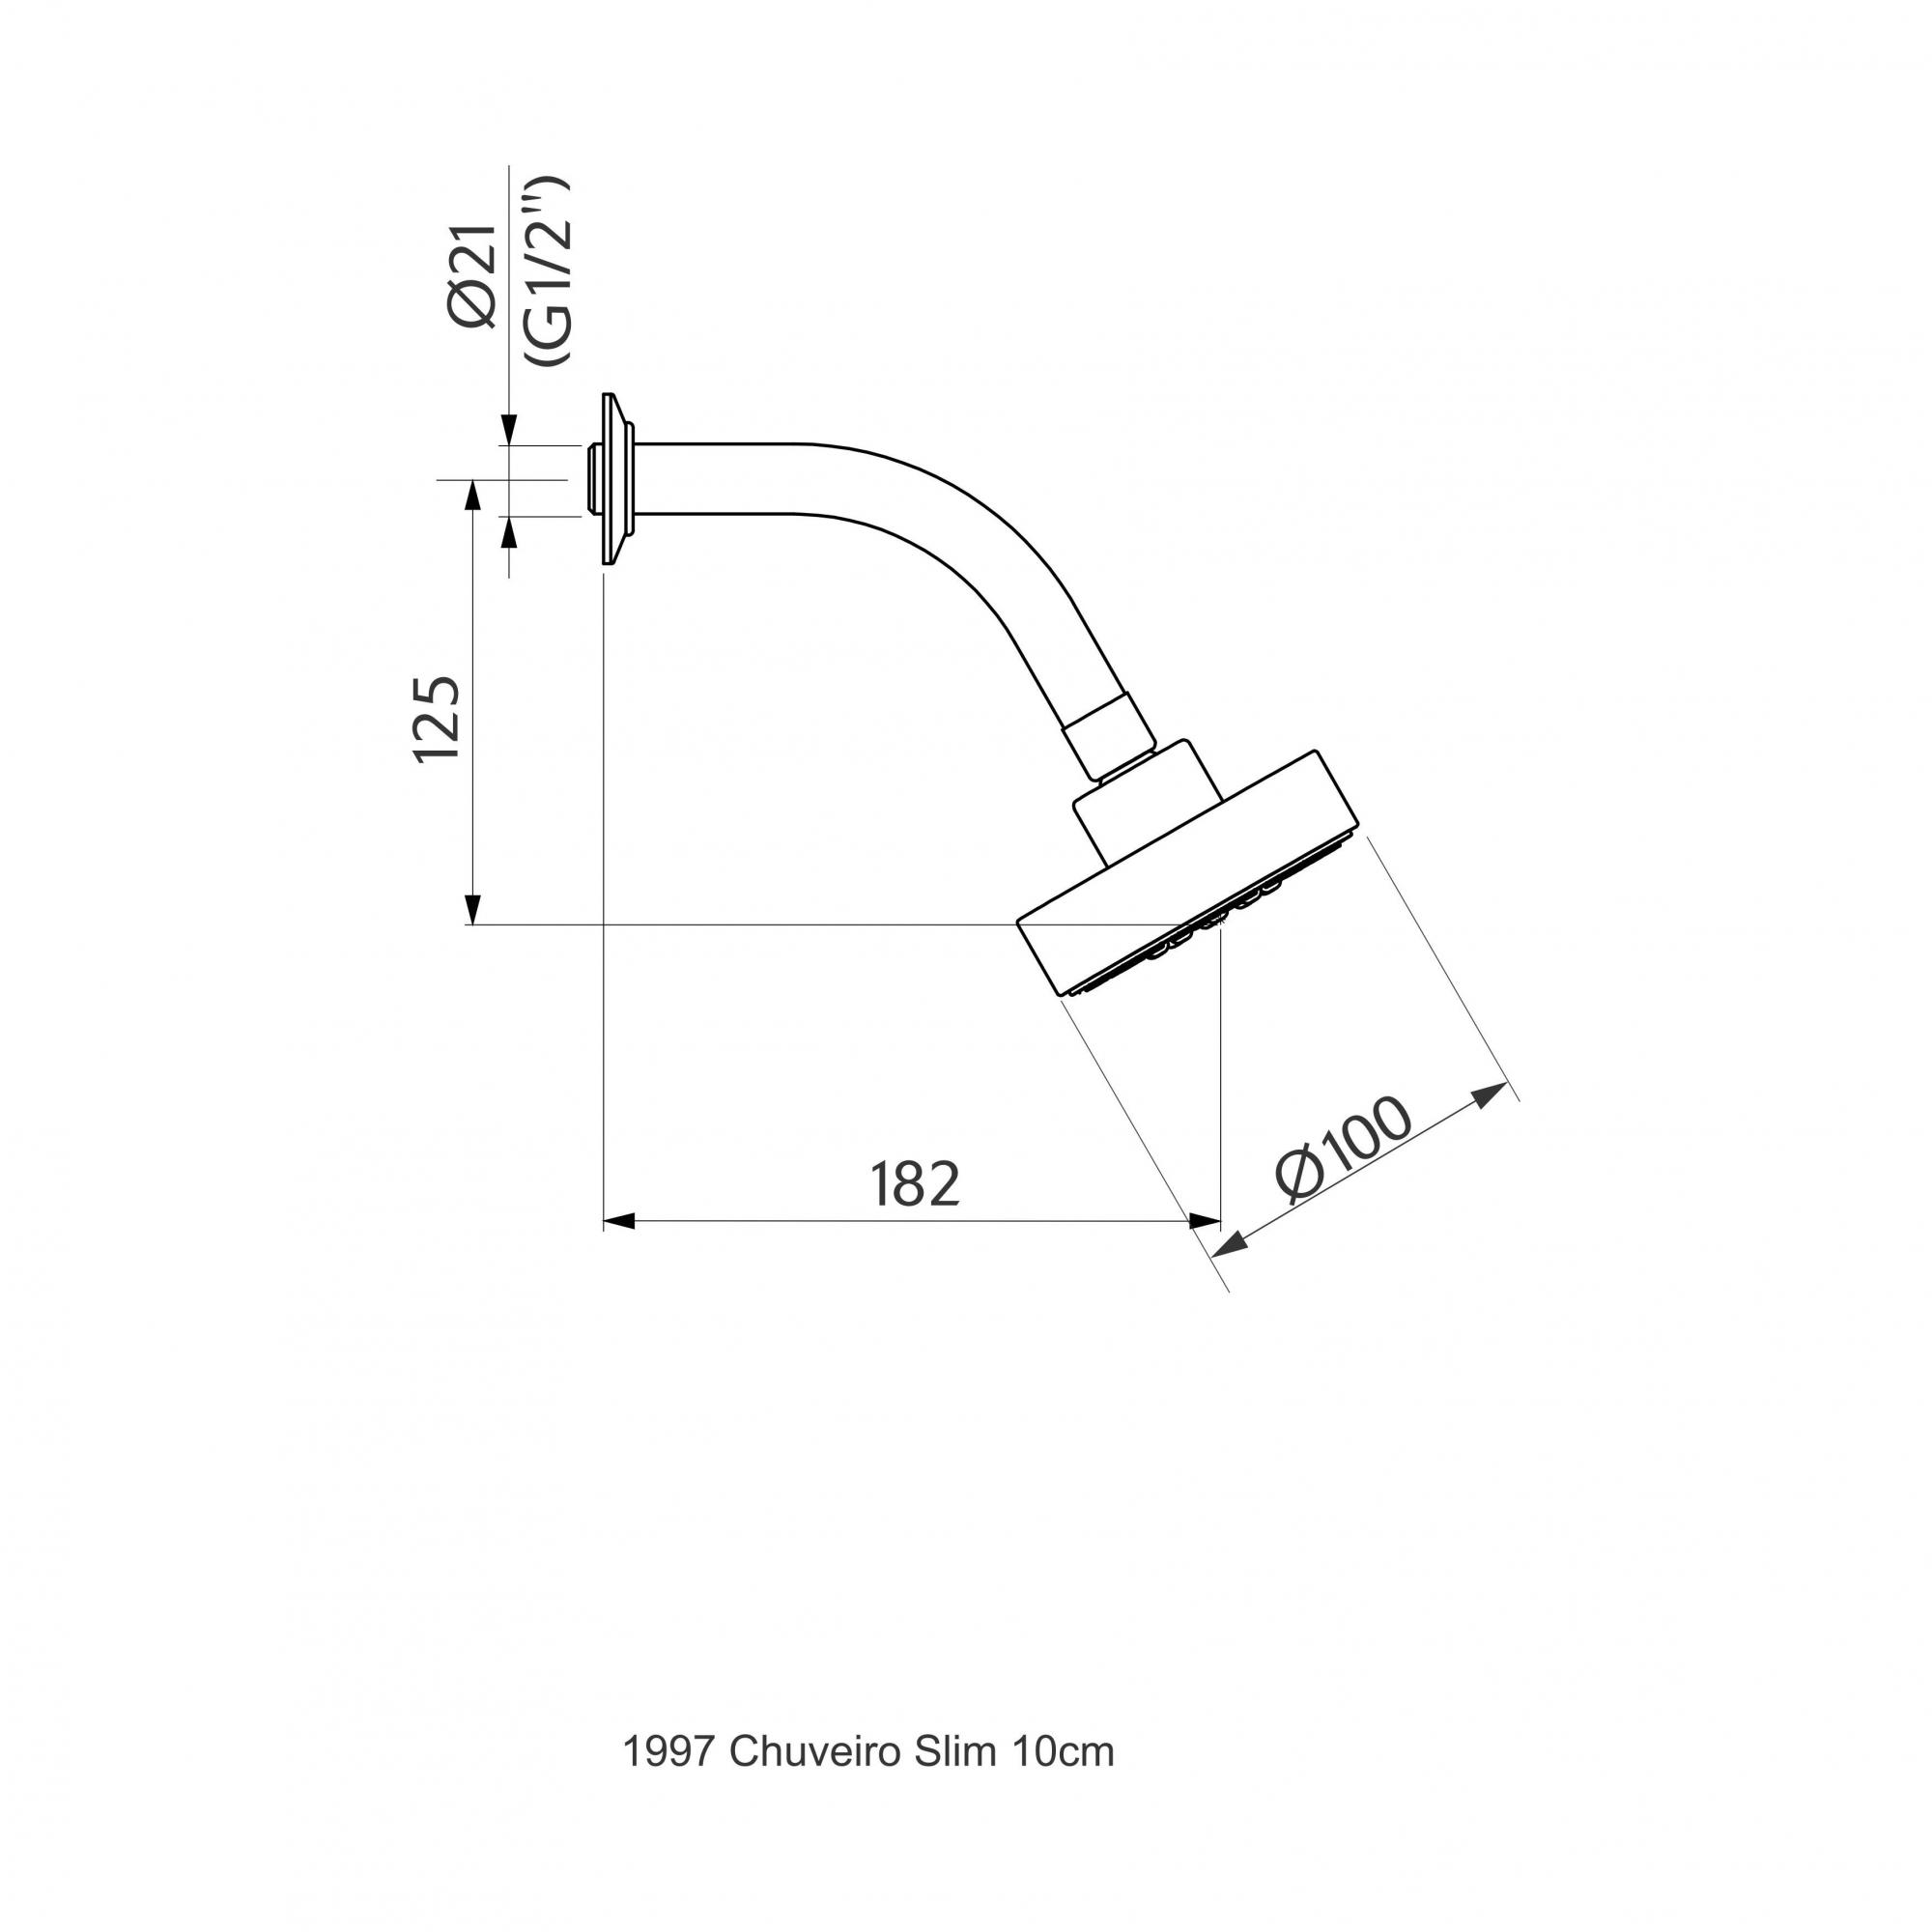 Chuveiro de Parede Slim 10cm - Cromado